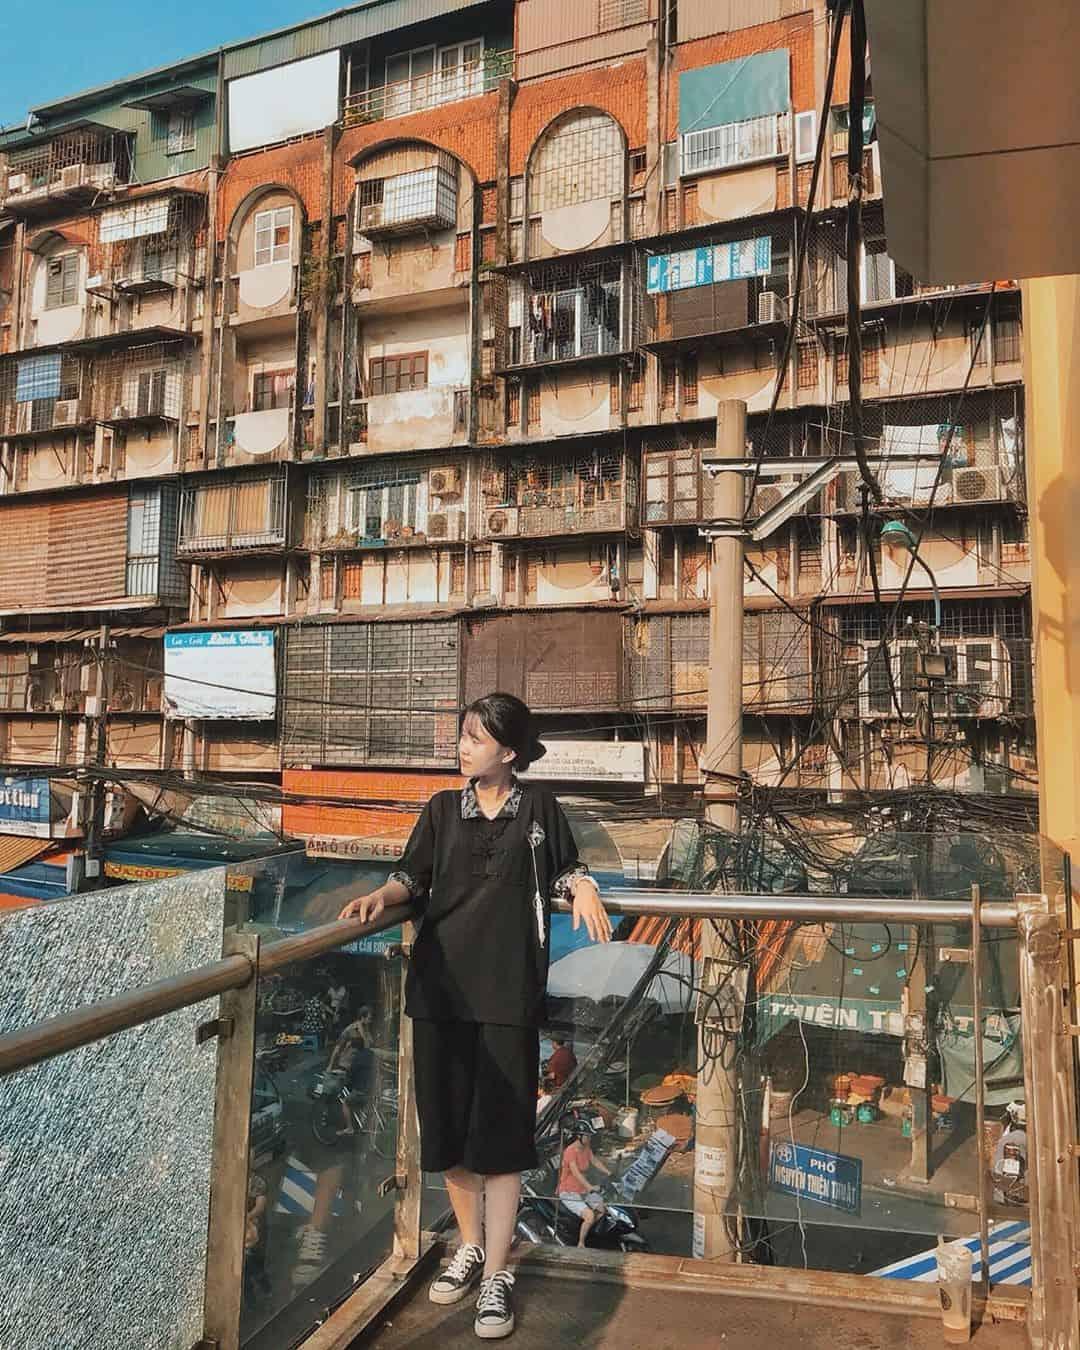 Một góc khác chợ Đồng Xuân. Ảnh: @_jieulizh_